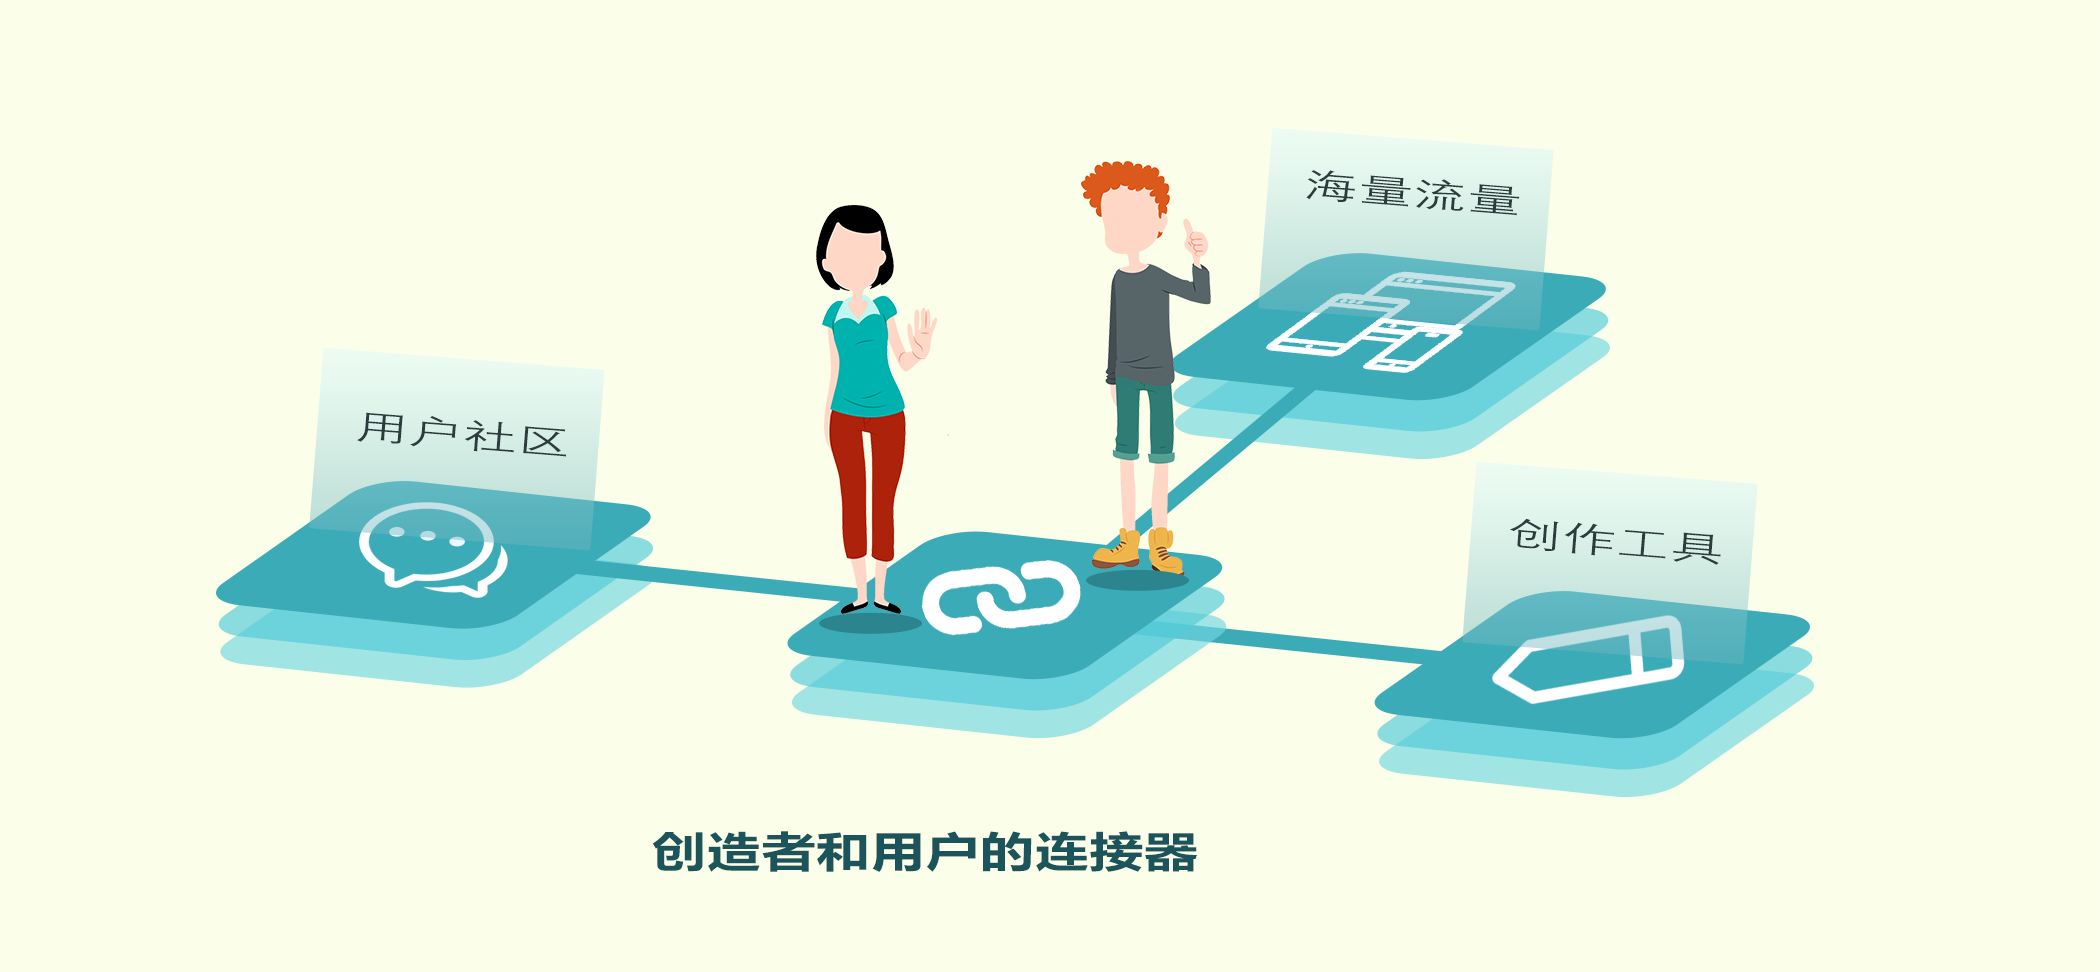 文艺交互平台,人工智能助力创作!